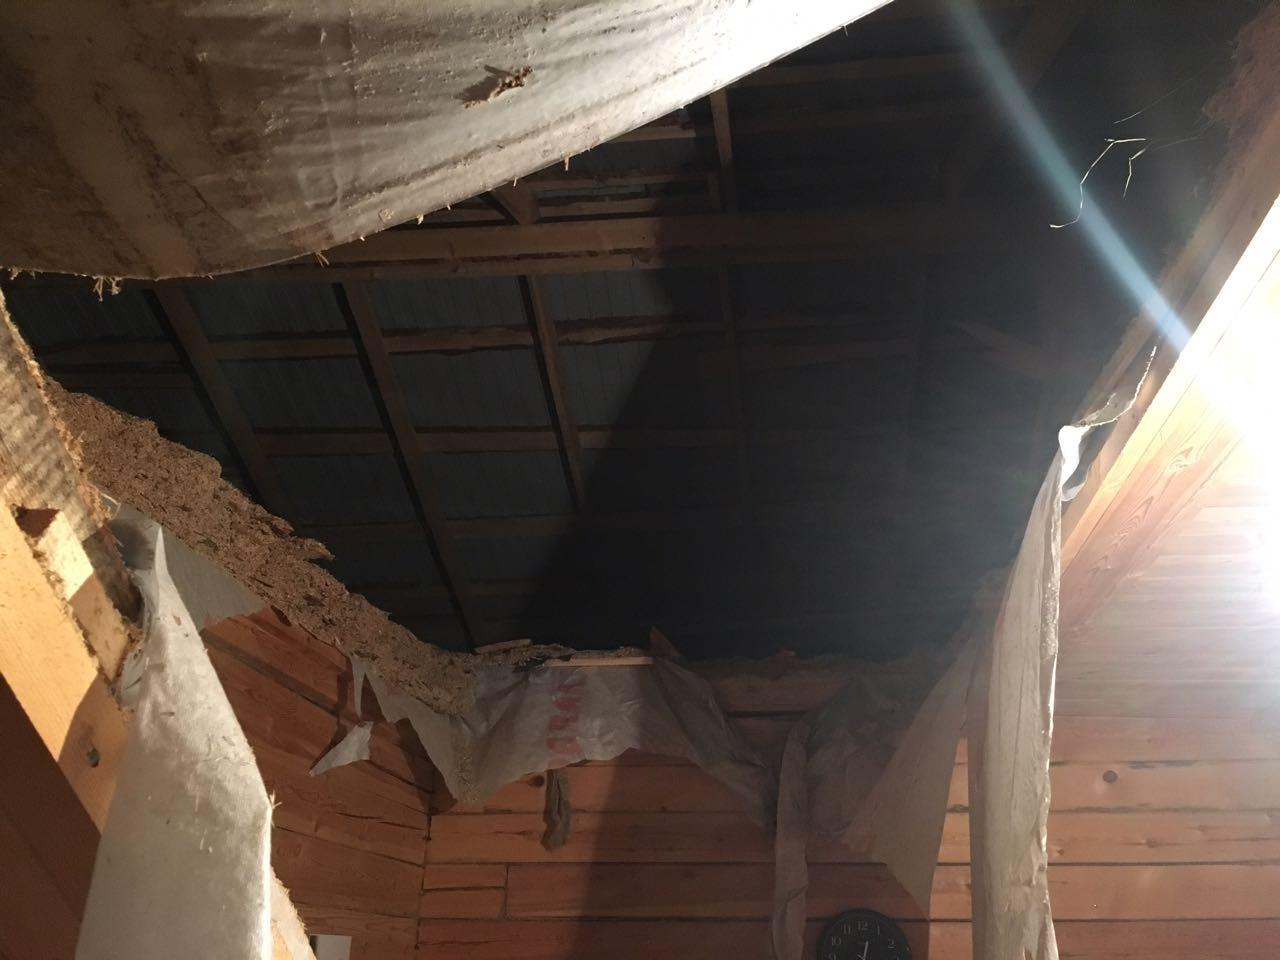 Следком начал проверку пофакту обрушения потолка вдоме для сирот